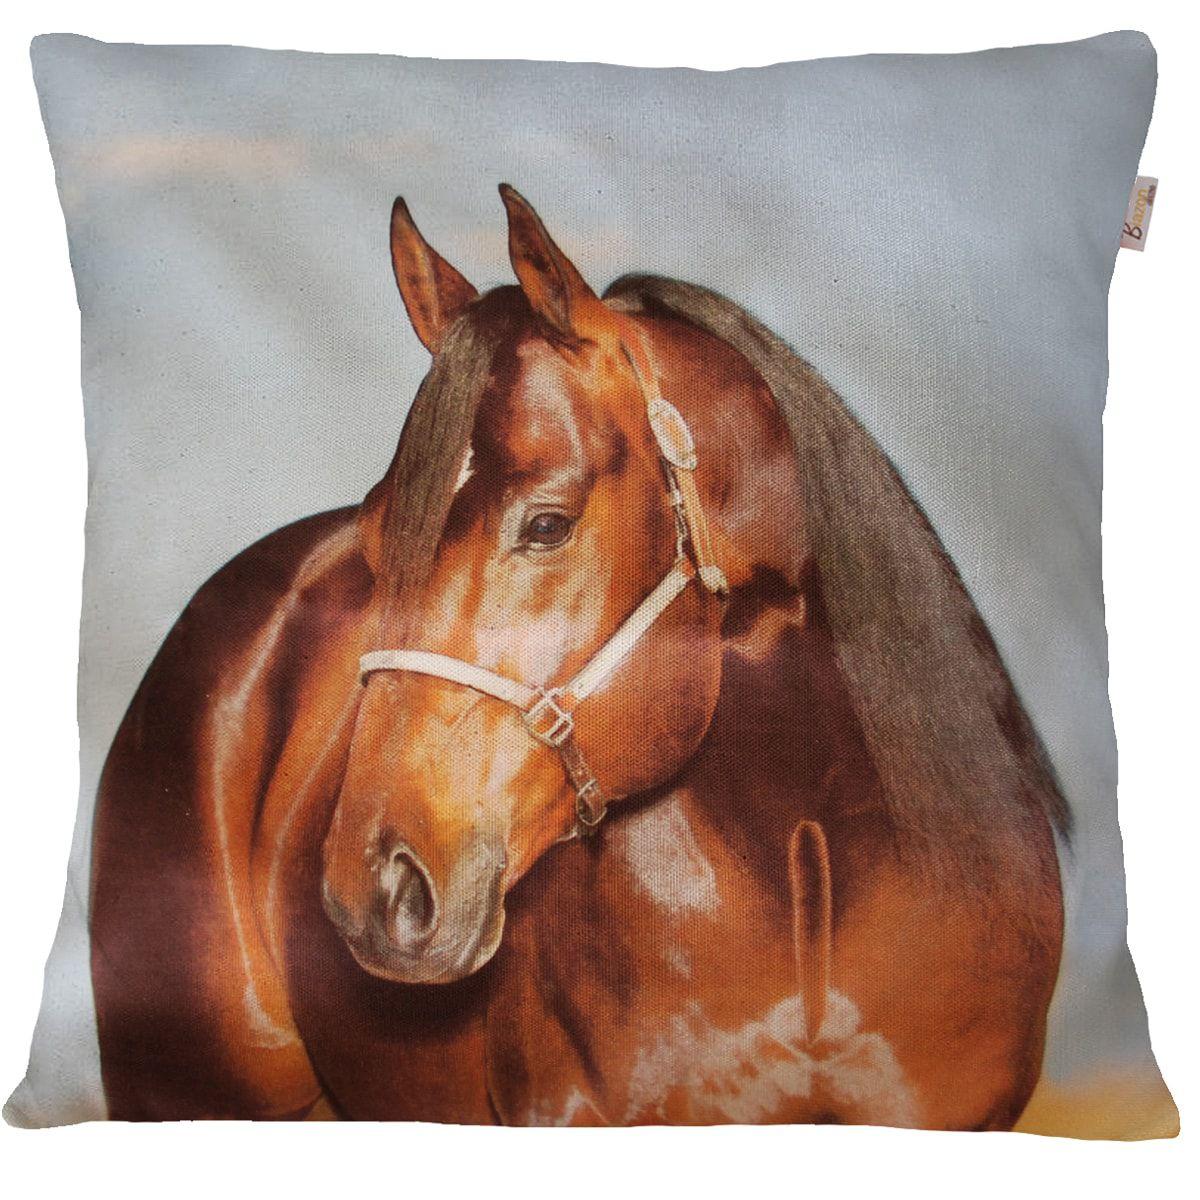 Capa de Almofada Decorativa Animais Cavalo Marrom 45x45cm